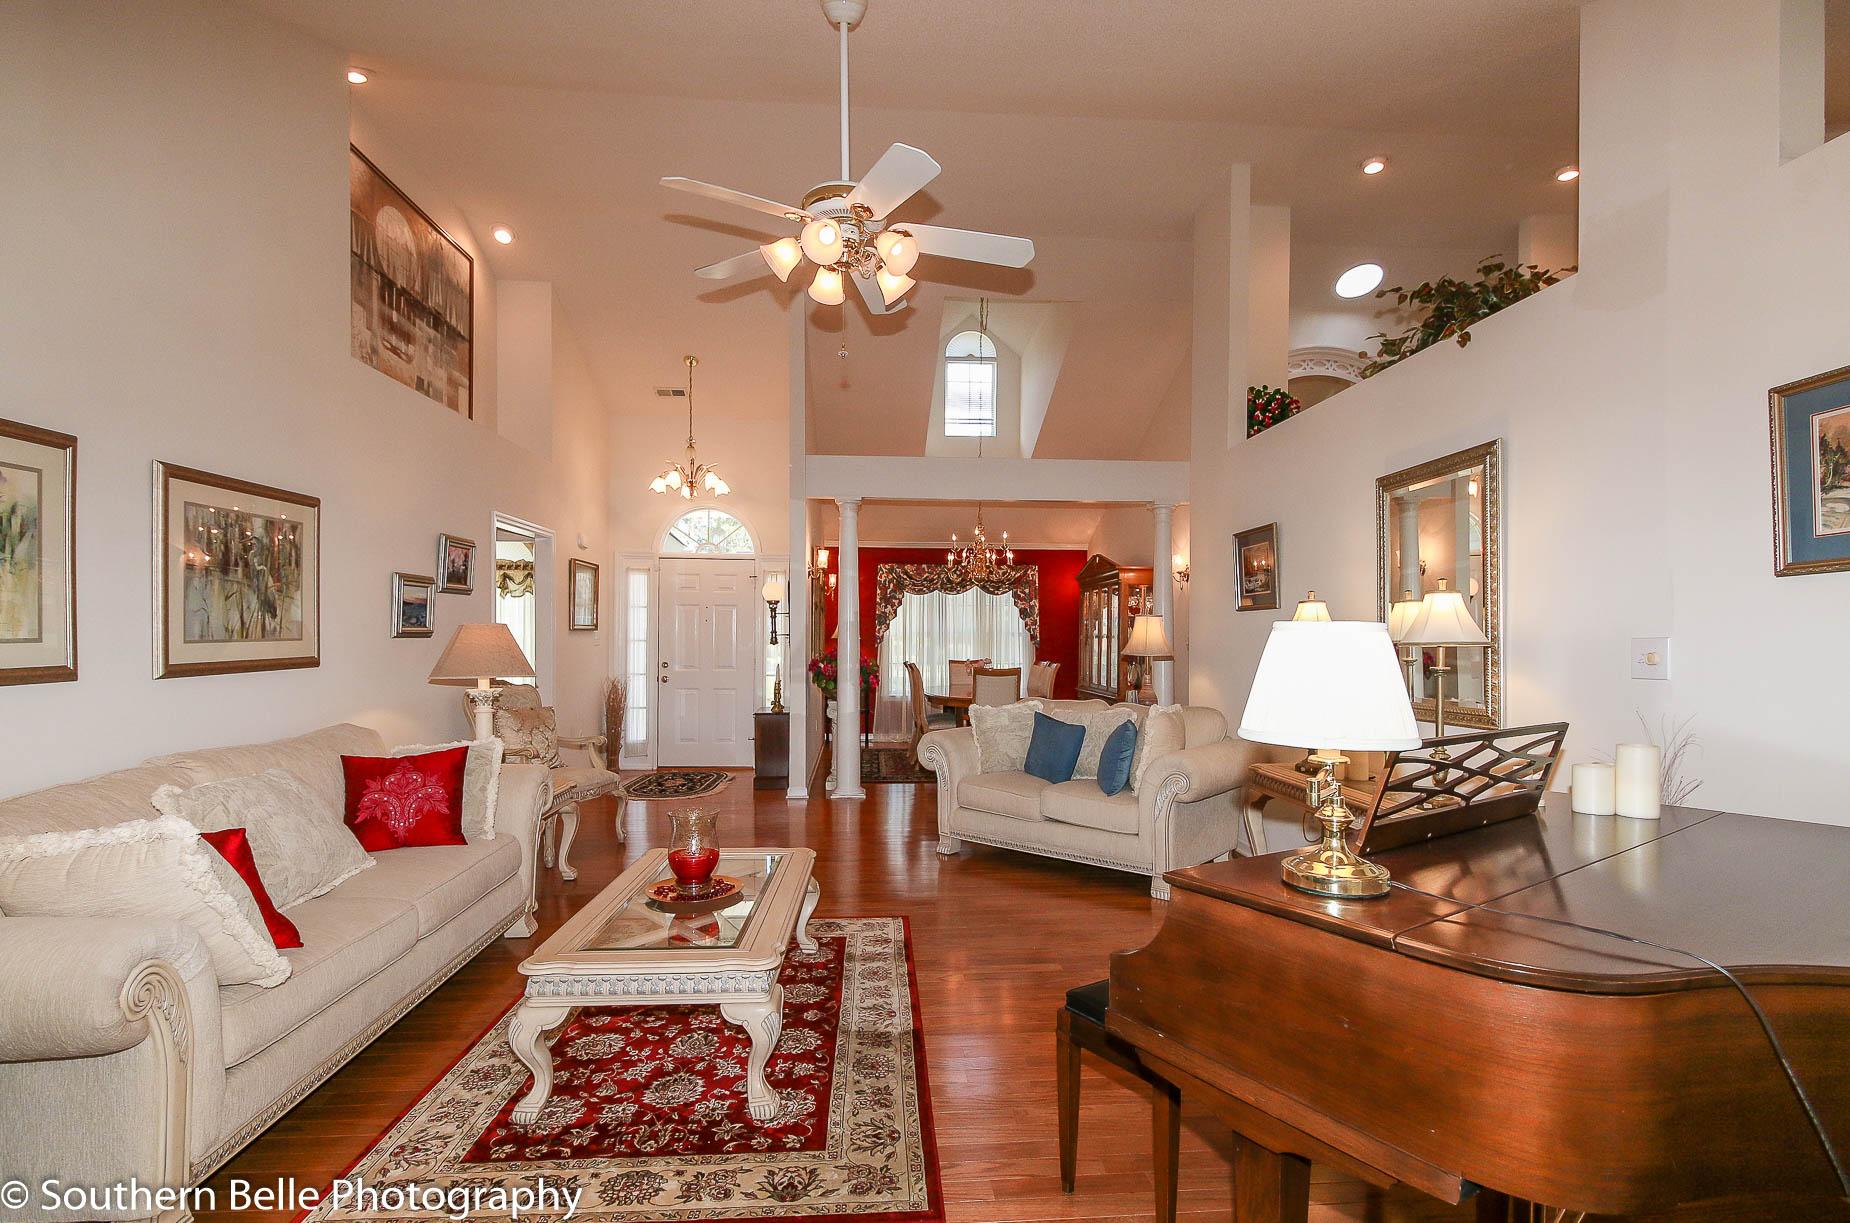 7. Living Room View WM